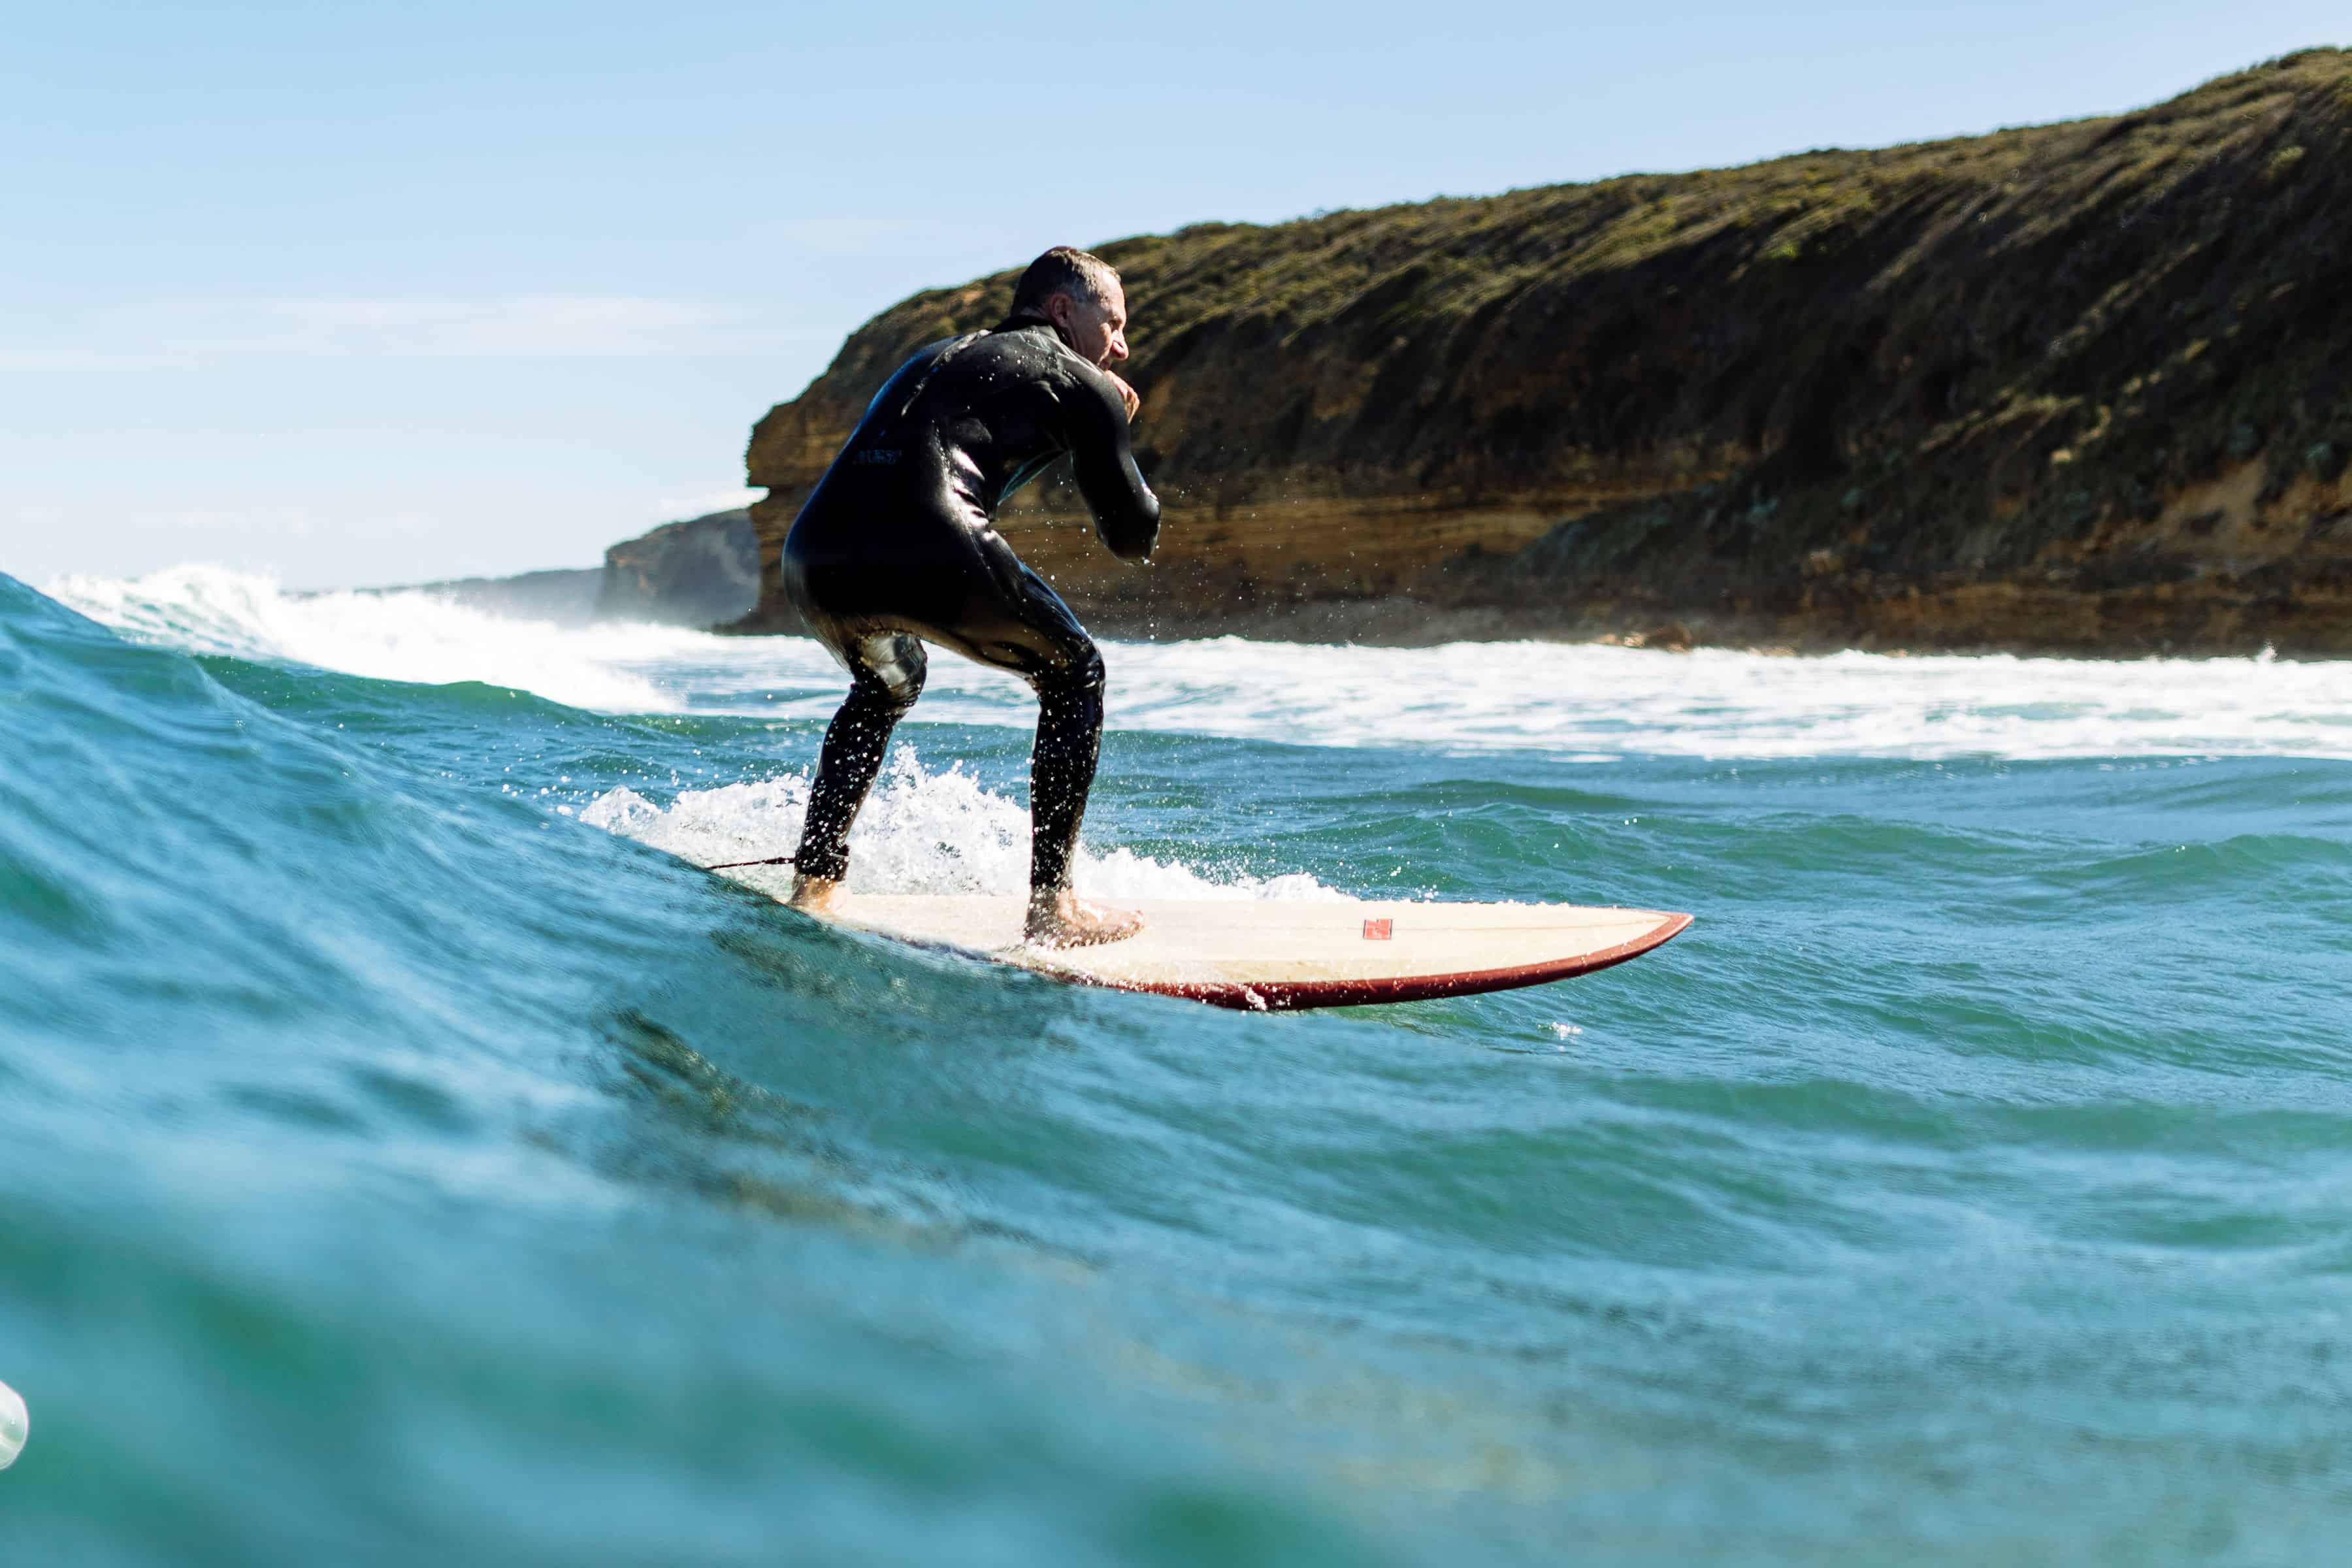 Australske parlamentsmedlem Richard Di Natale surfer en bølge i Australbukta under markering mot oljeboring i området.